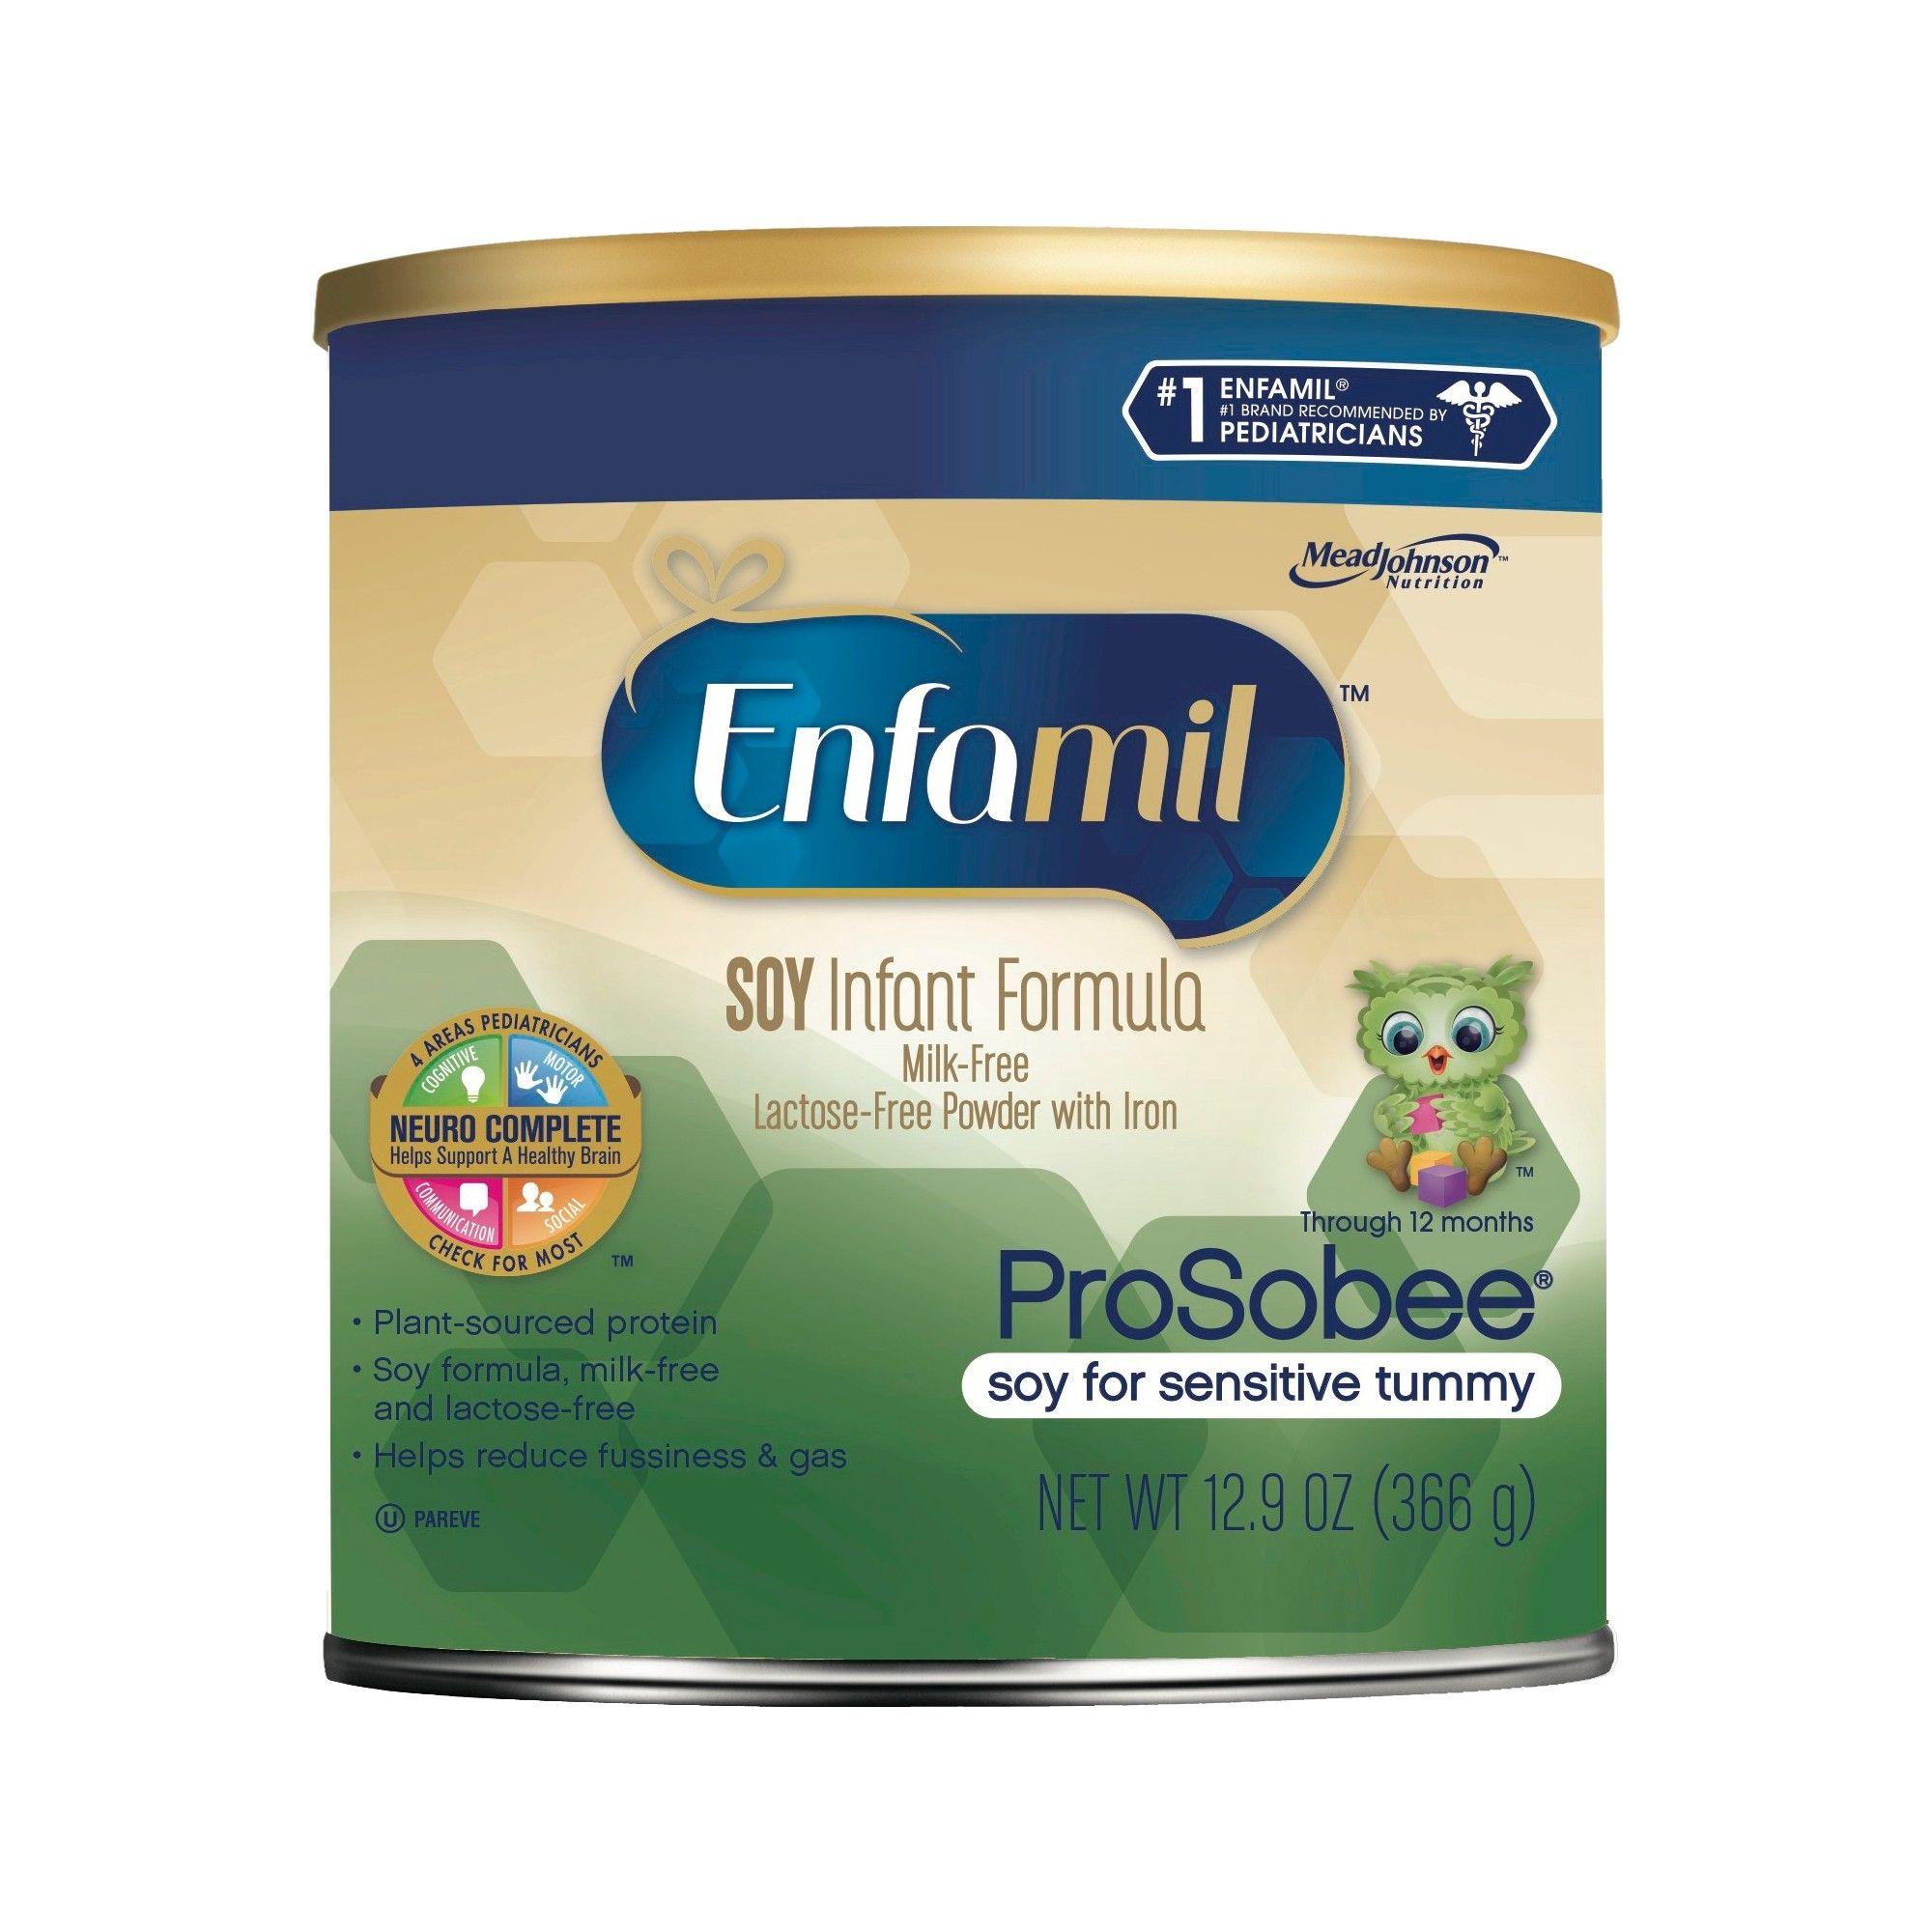 Enfamil Prosobee Soy Infant Formula 129oz Baby Food